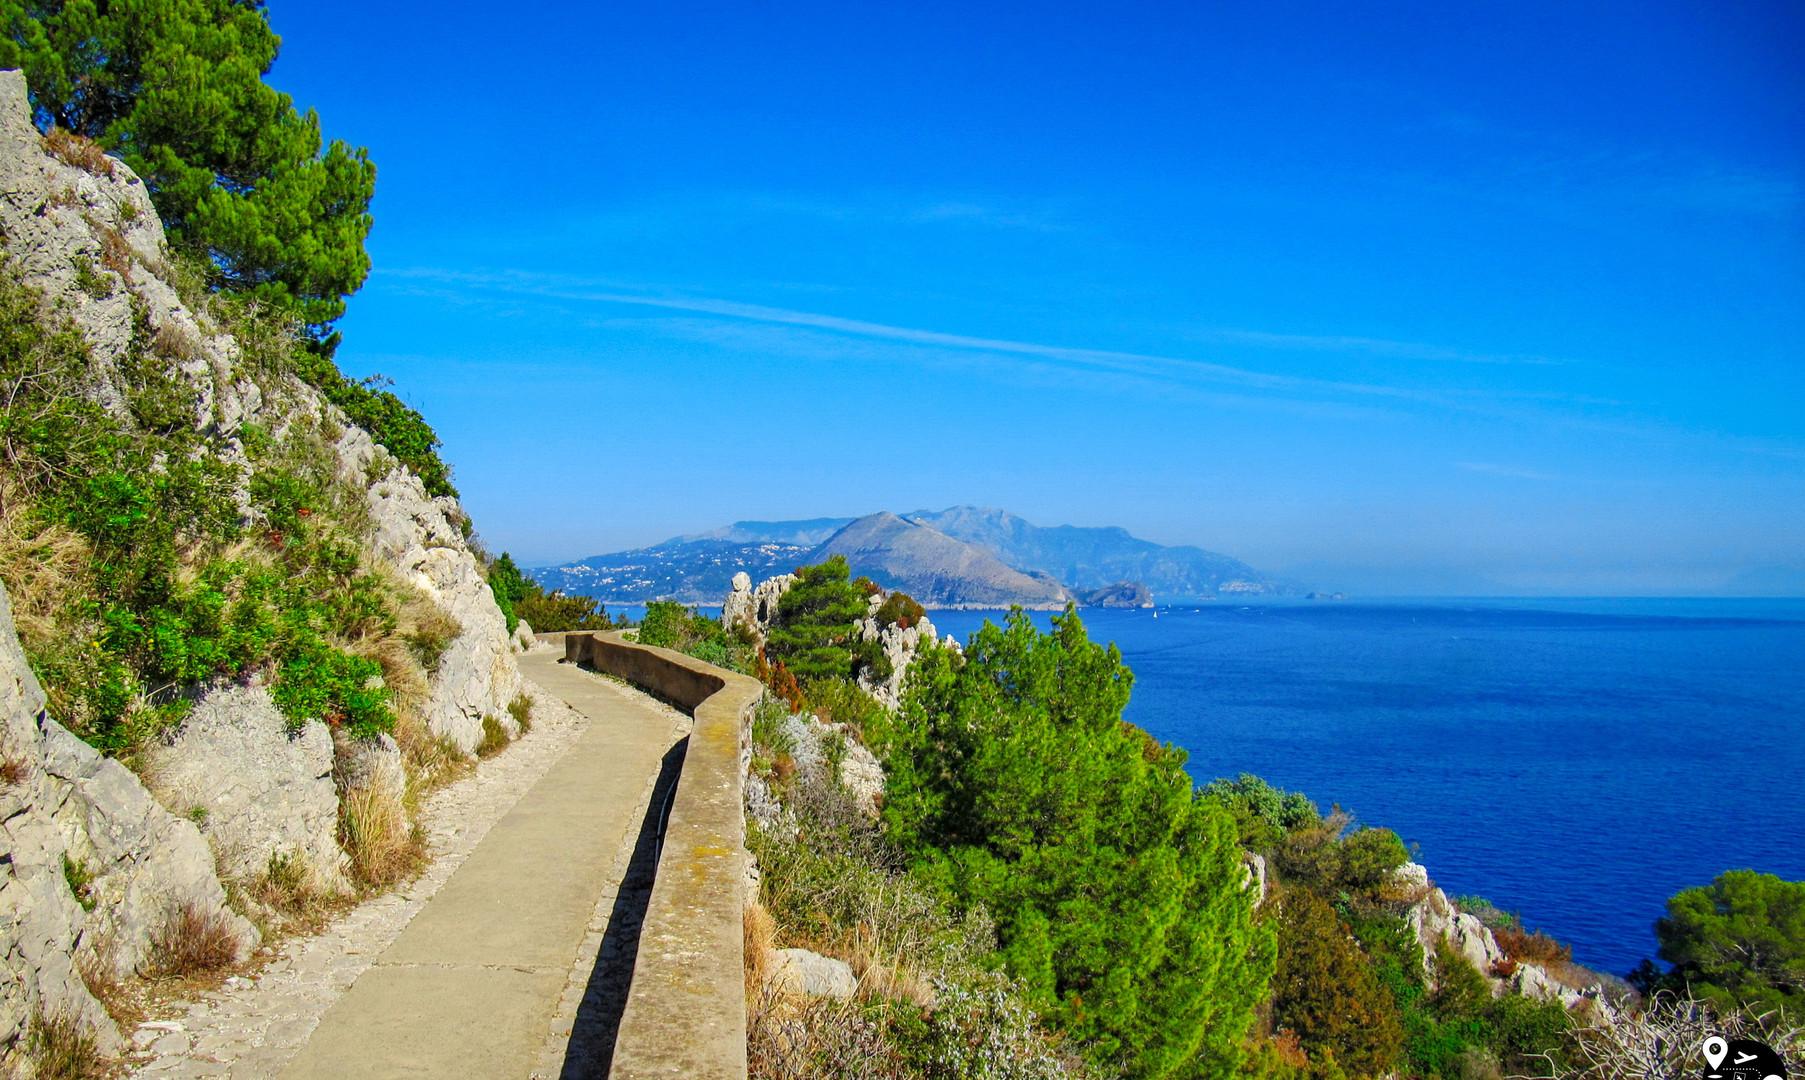 Променад вдоль берегов острова Капри